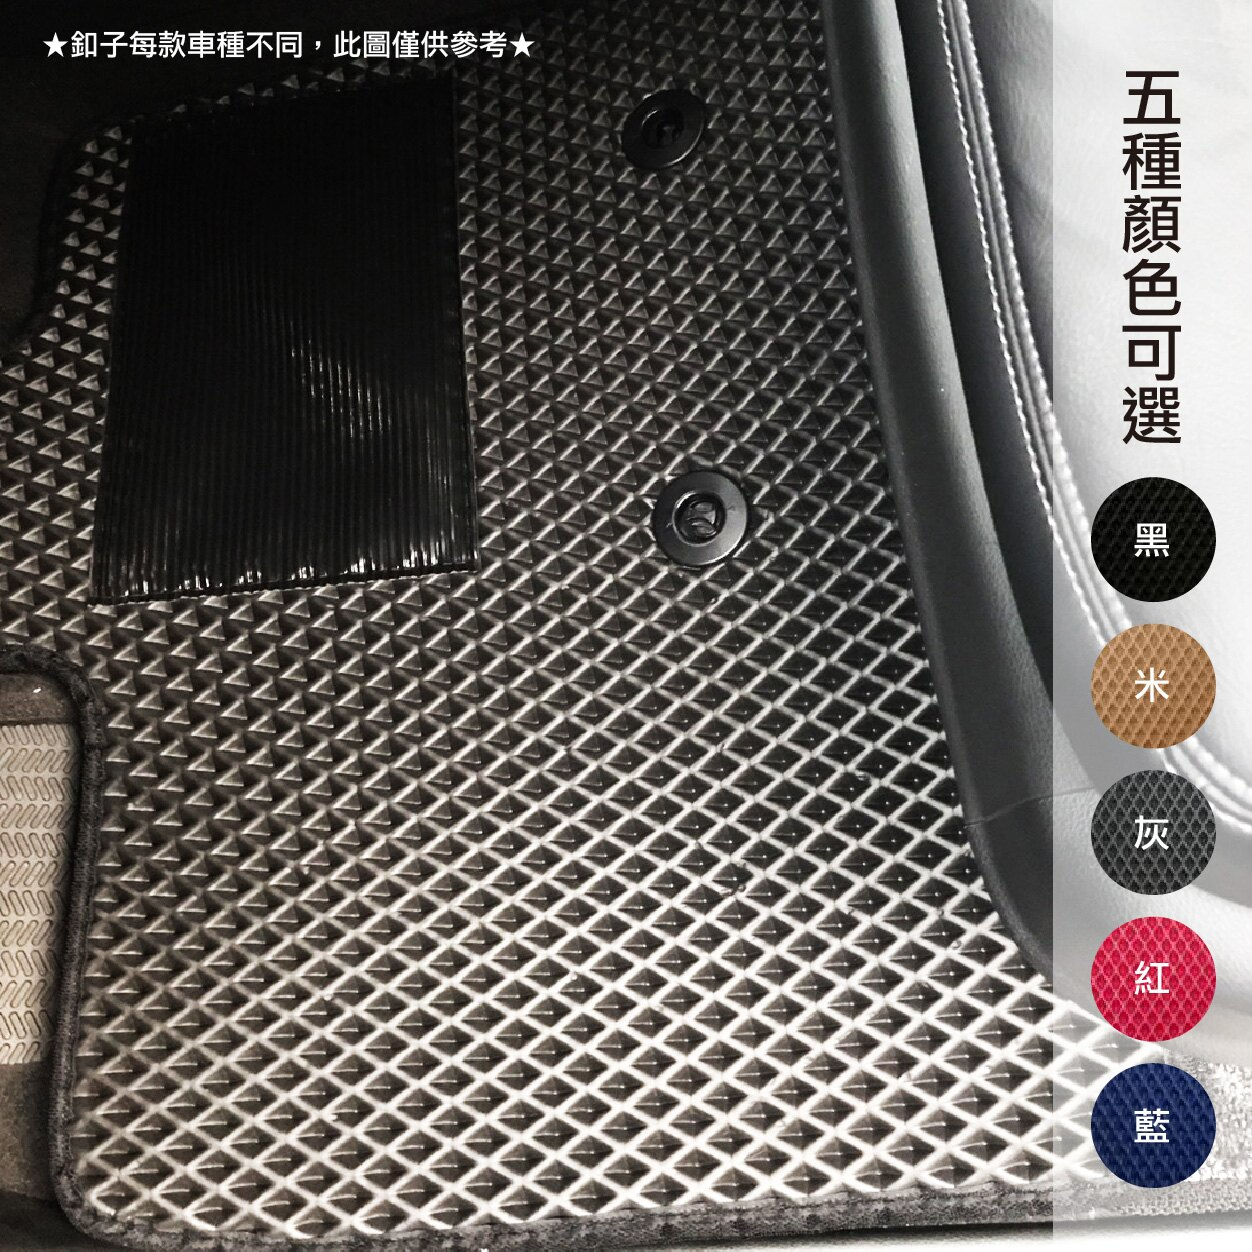 e系列汽車用品【原廠蜂巢腳踏墊】Jaguar積架 捷豹 專用汽車腳踏墊